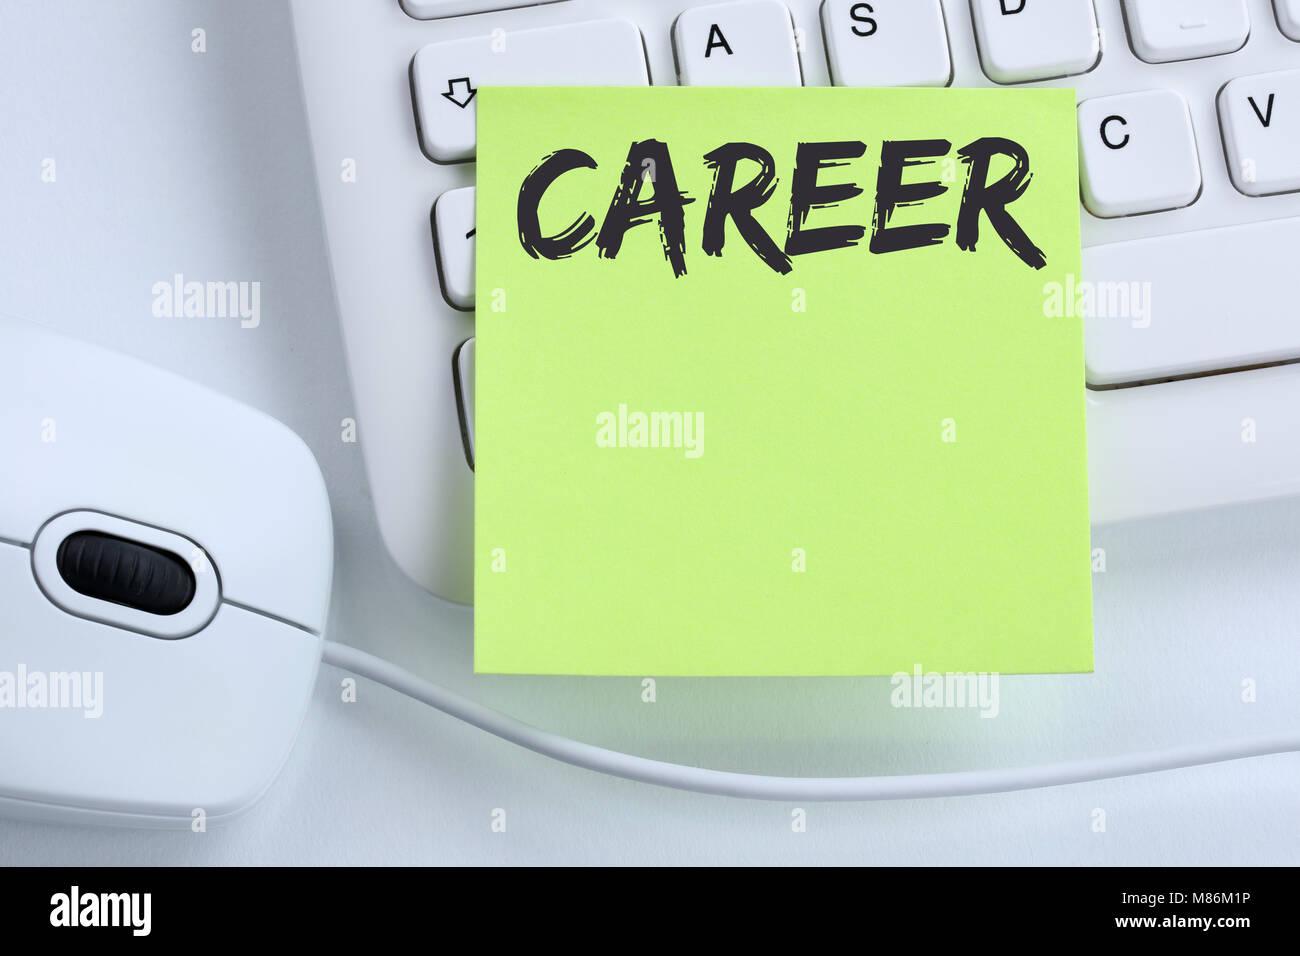 Karriere Ziele Erfolg und Entwicklung Business Konzept Maus Tastatur Stockbild